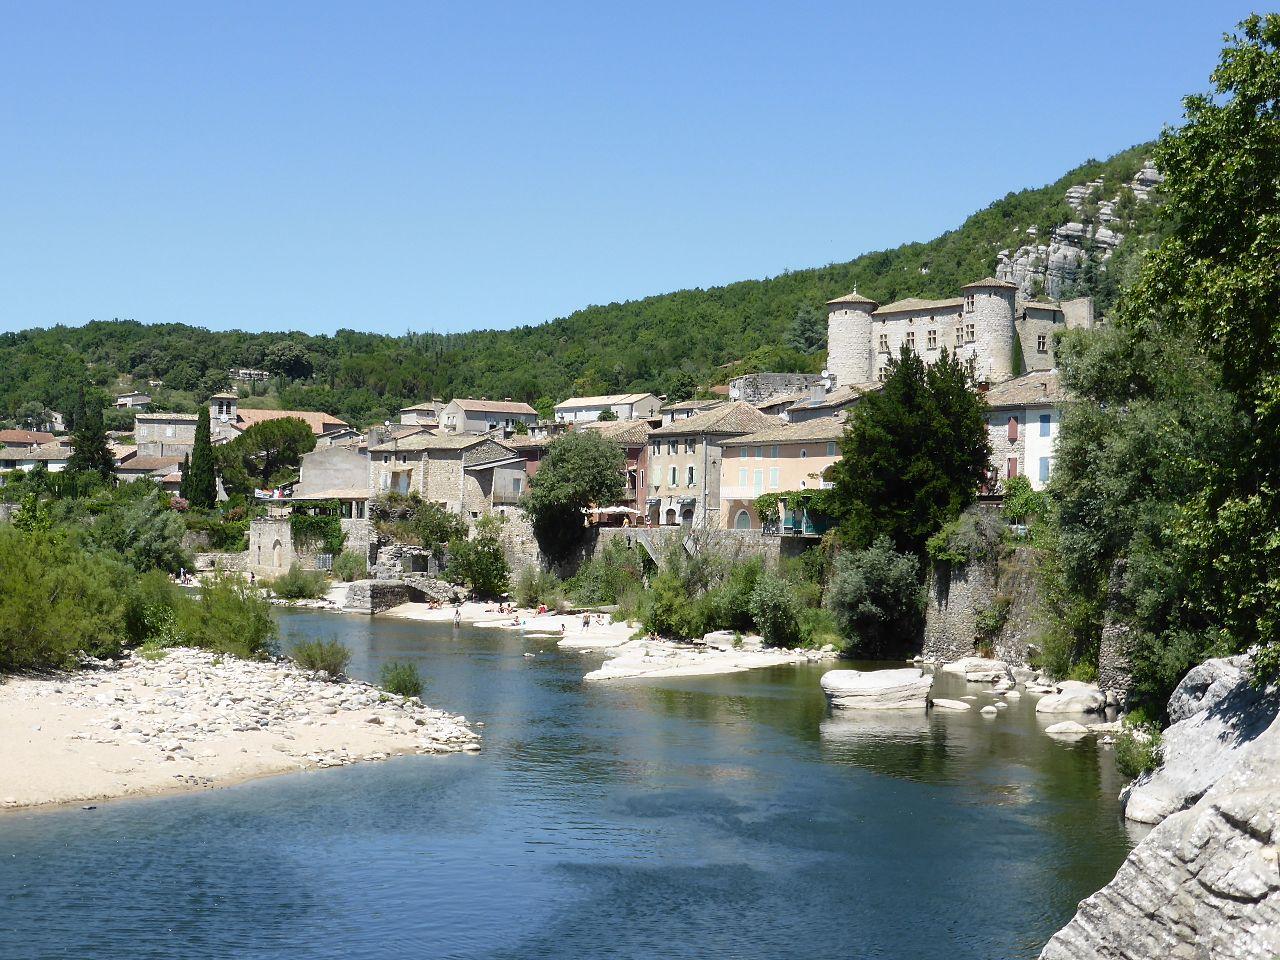 Lieux à découvrir autour de Montélimar : le village de Voguë